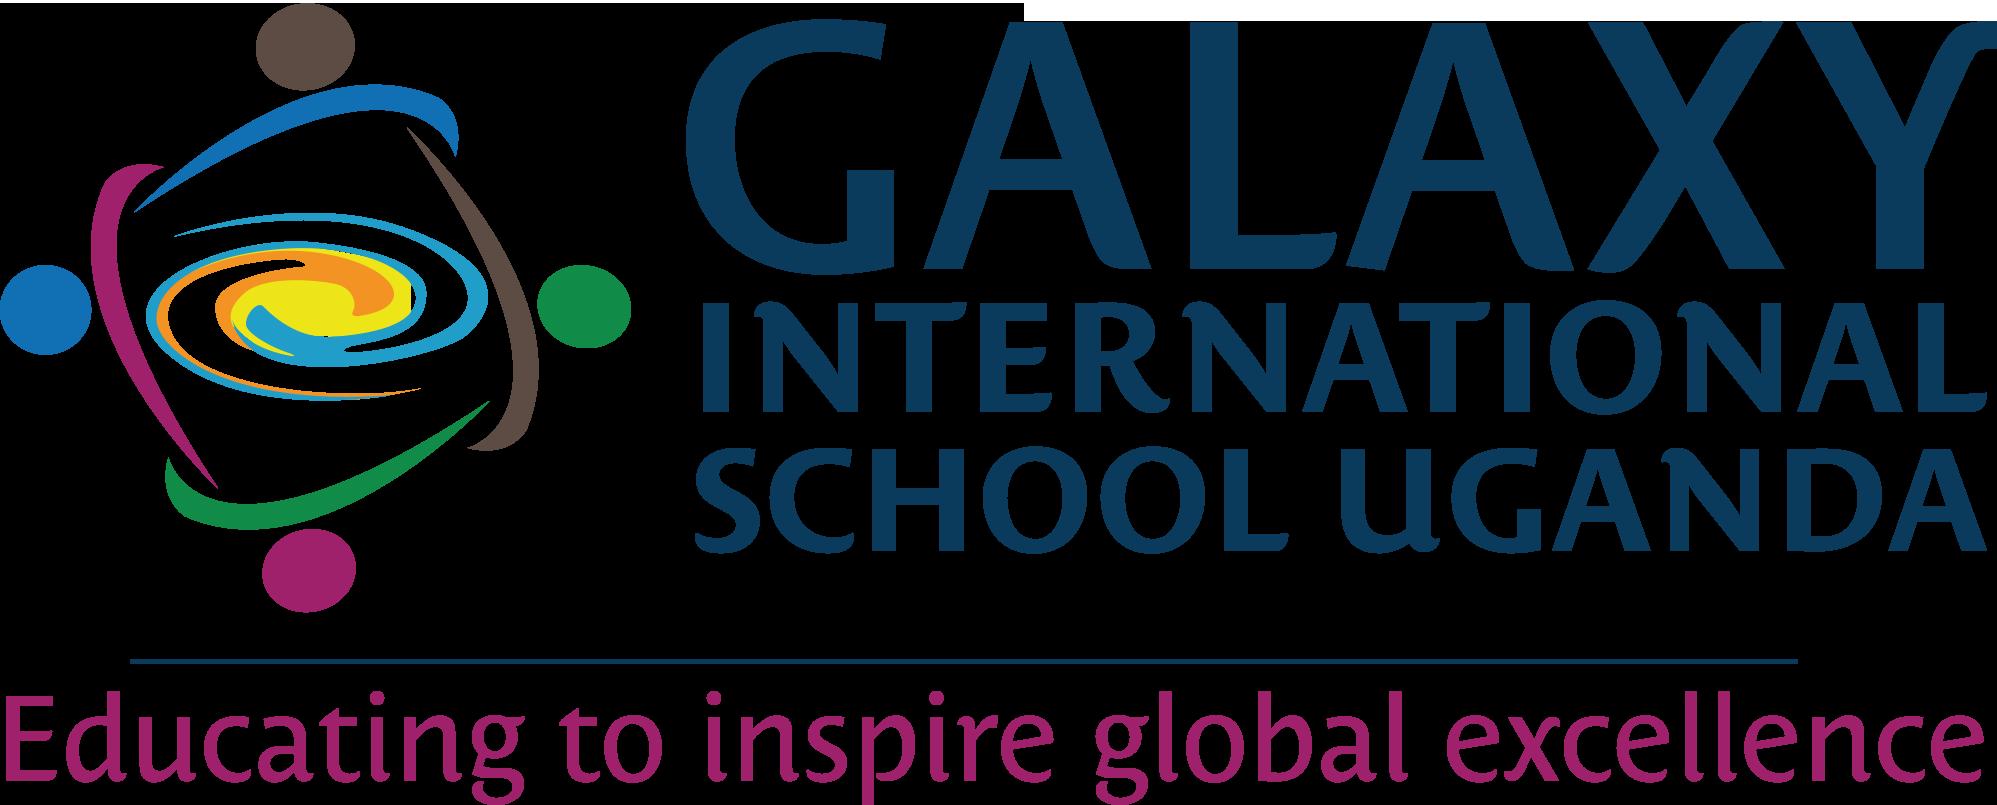 Galaxy International School Uganda Teach Away Inc